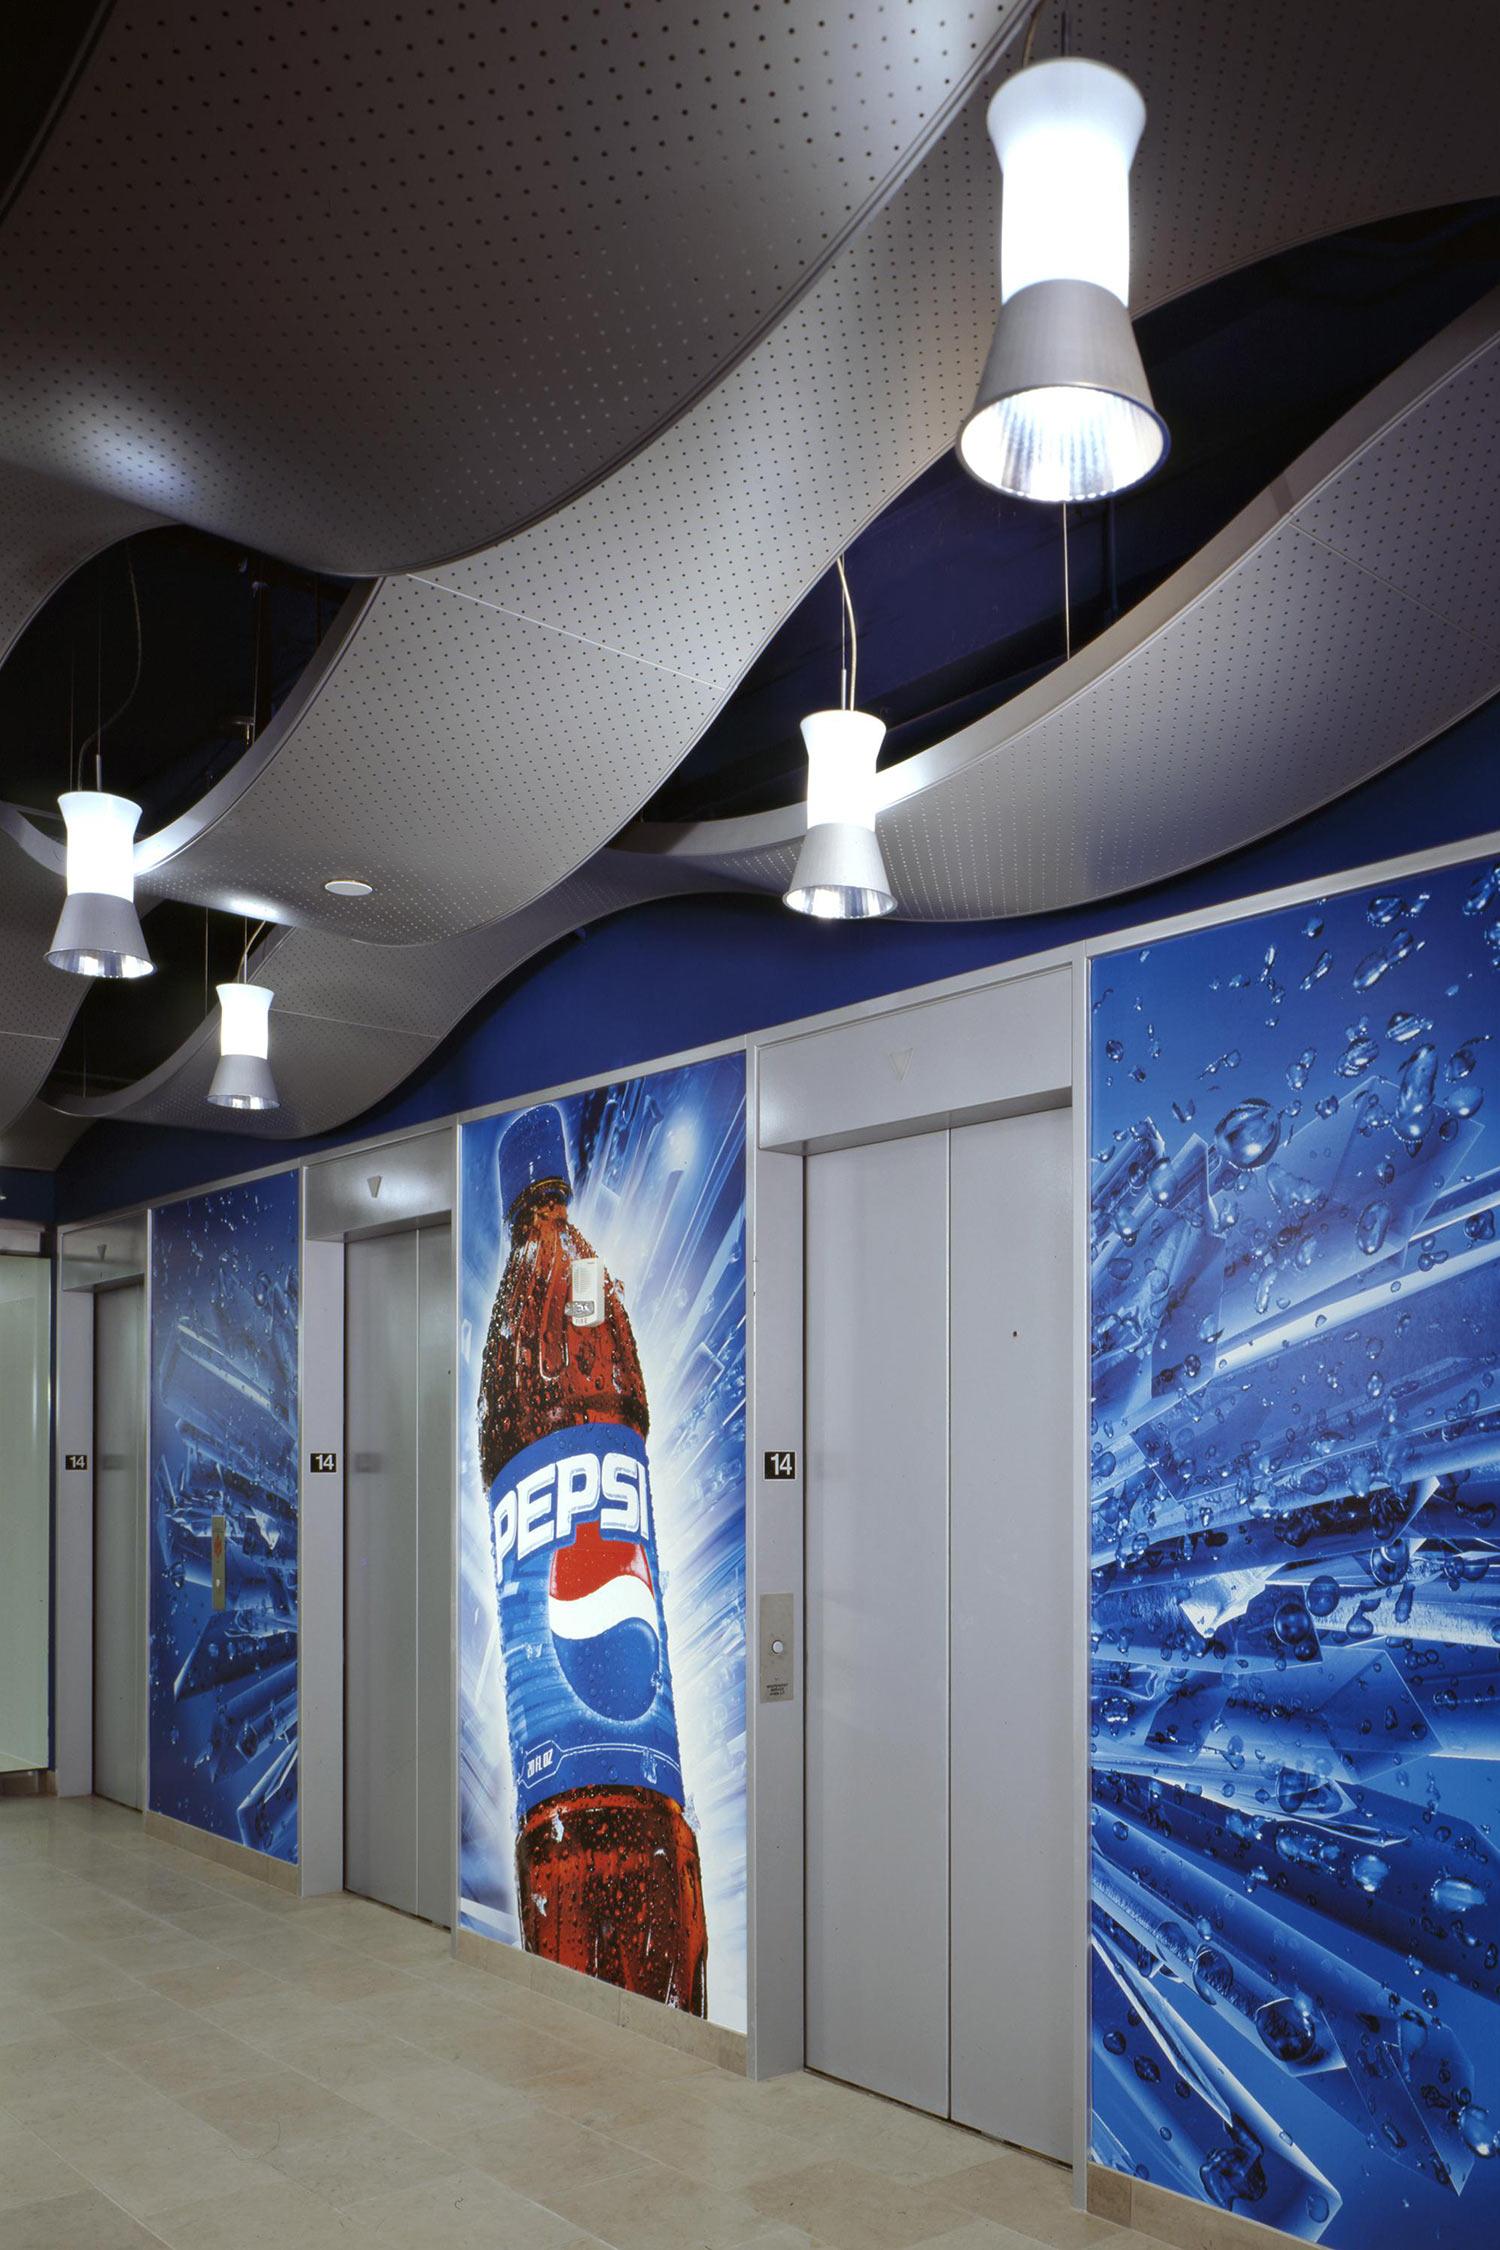 Pepsi Myrtle Hall